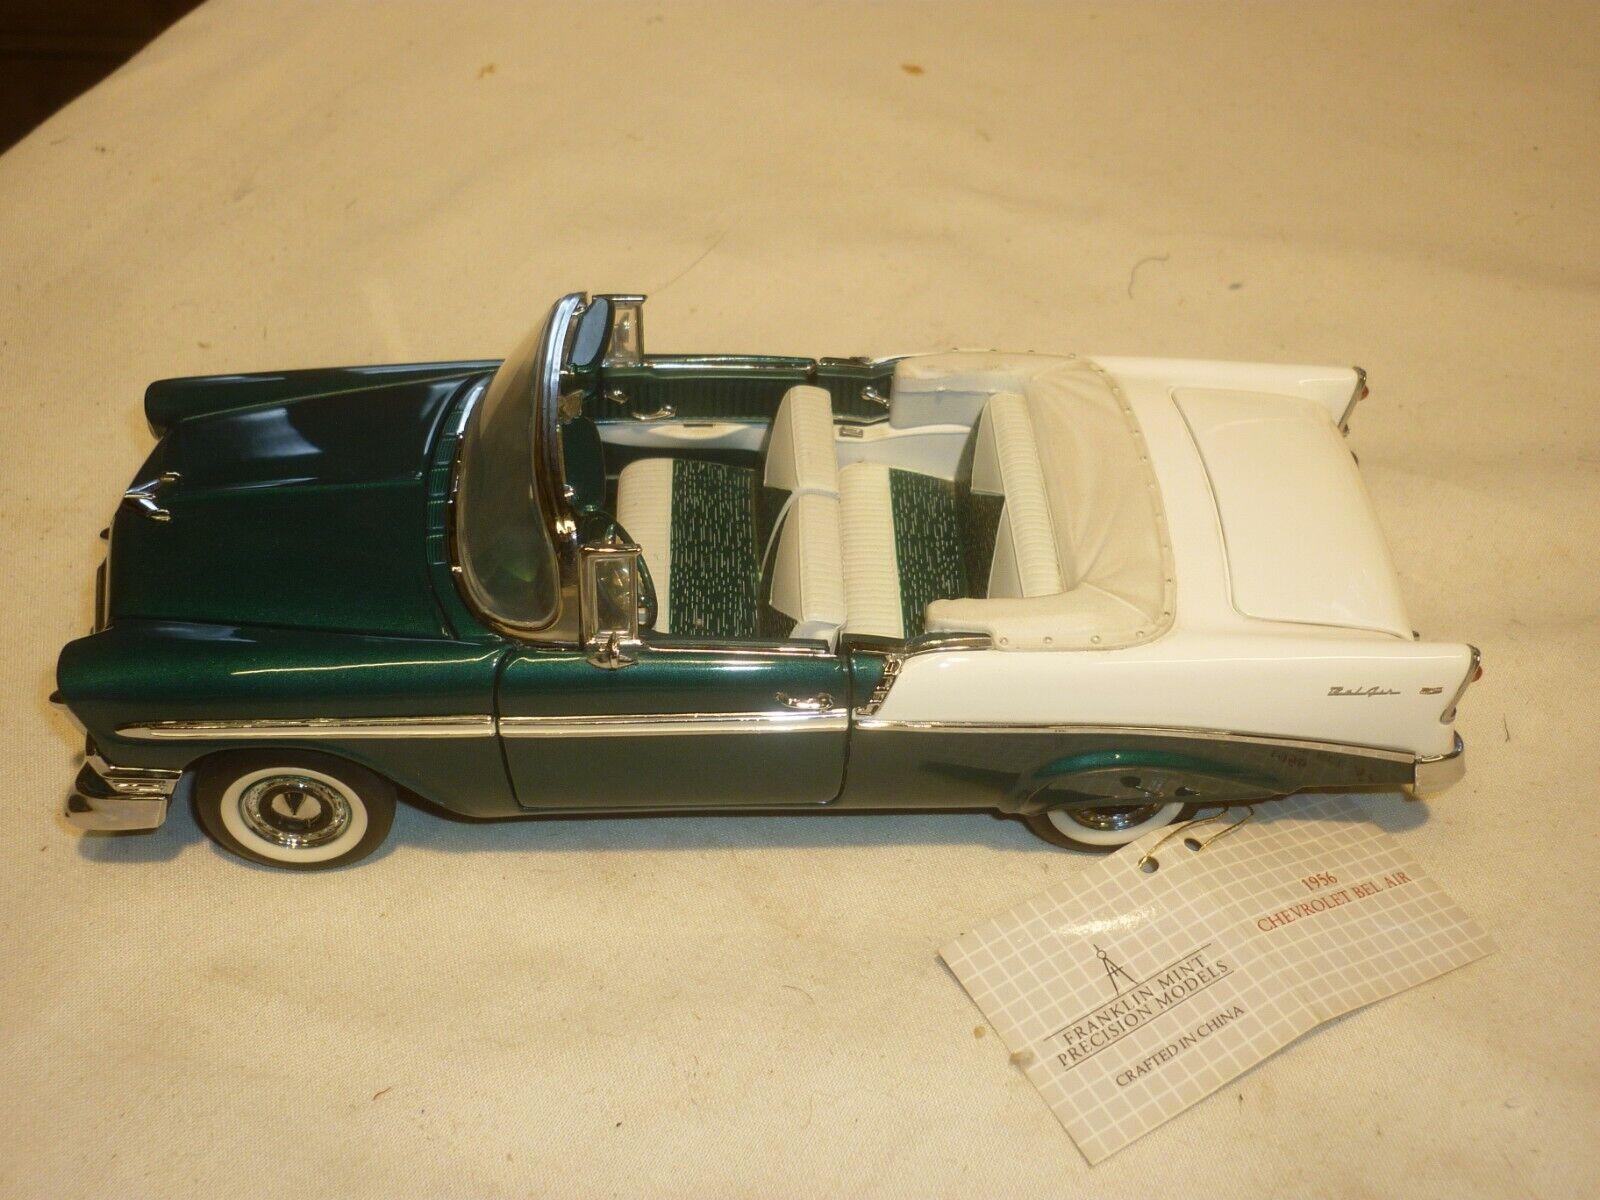 Un Franklin Comme neuf échelle voiture modèle de 1956 CHEVROLET BEL AIR CONVERTIBLE